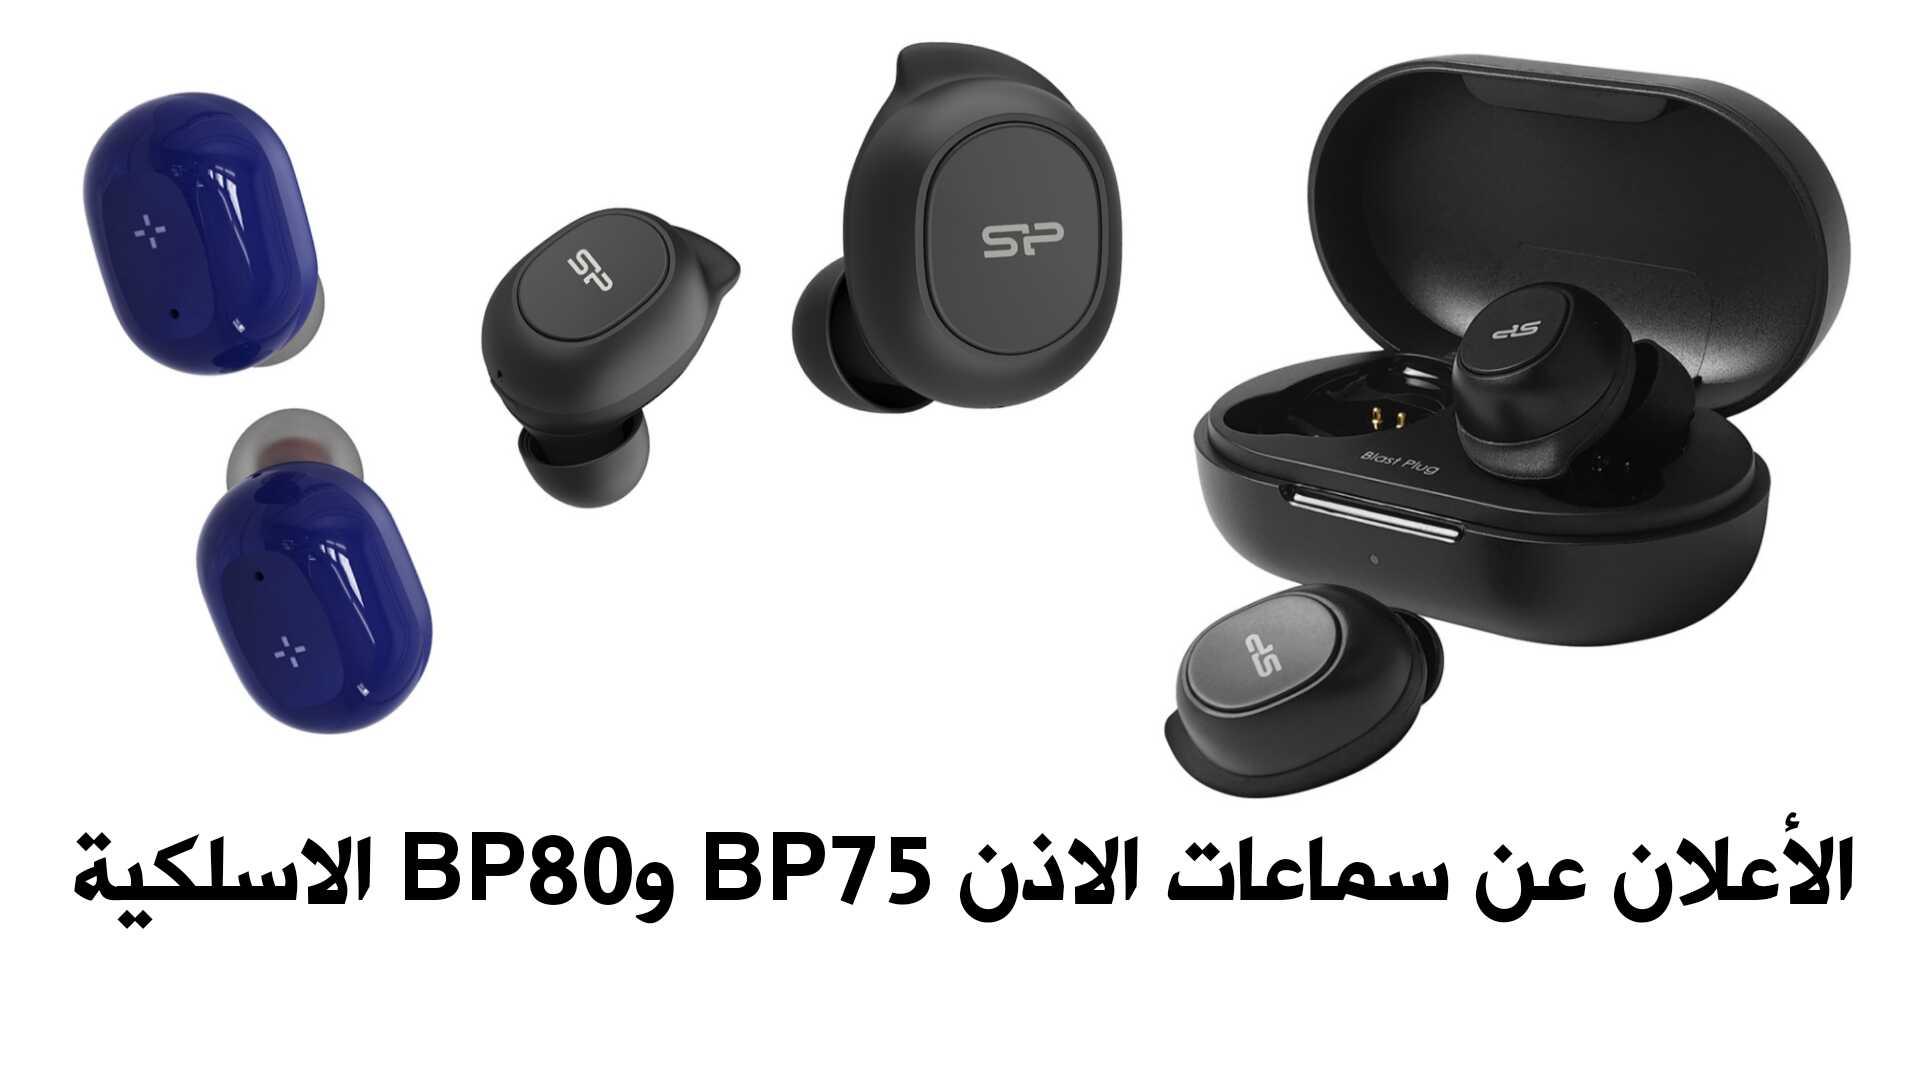 الاعلان عن سماعات الاذن BP75 وBP80 من شركة Silicon Power